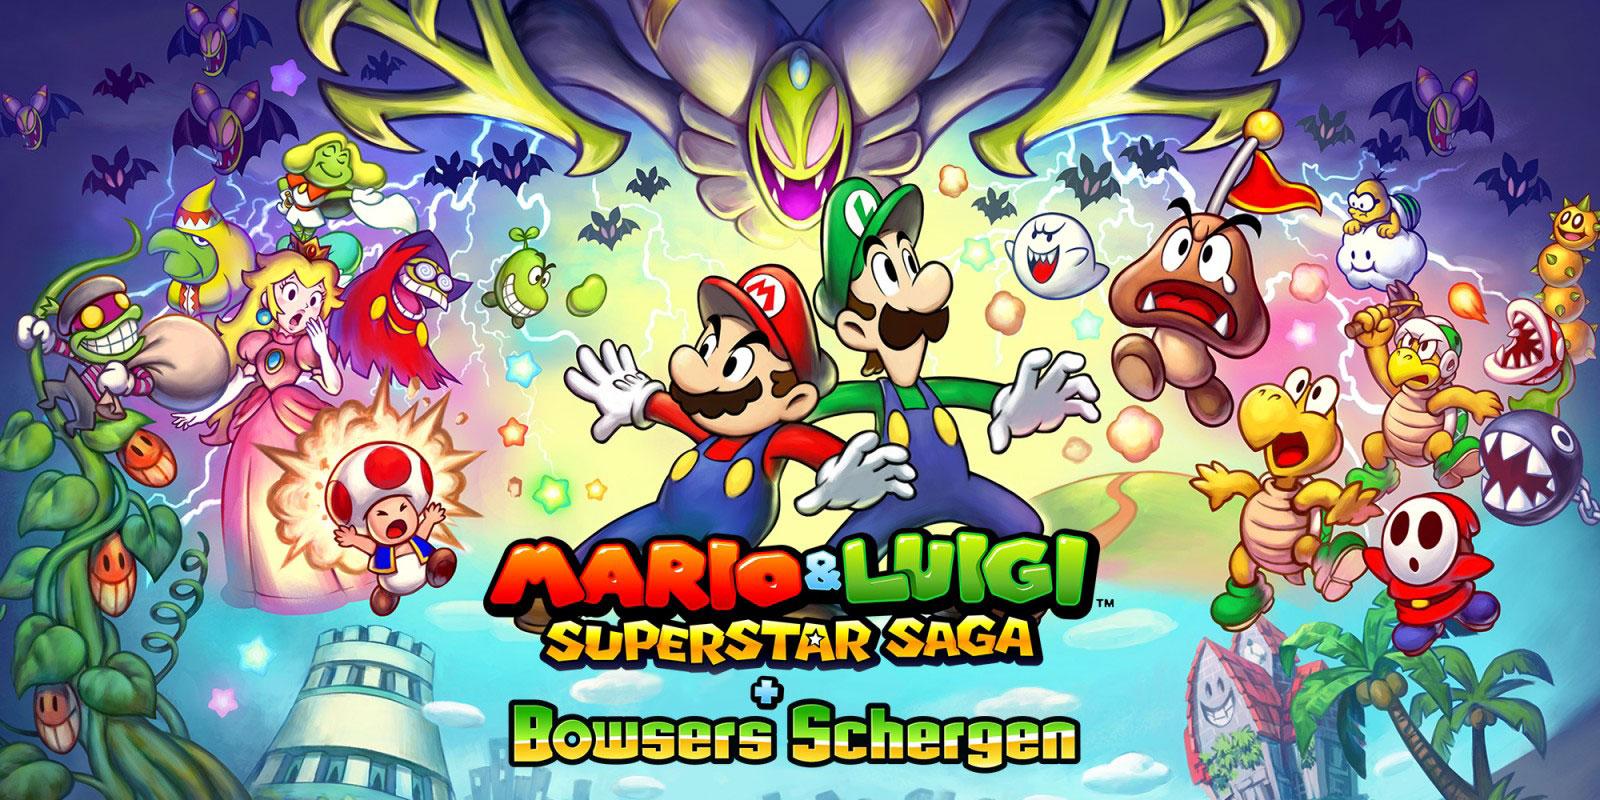 Gewinnspiel – 2x Mario & Luigi: Superstar Saga & Bowser's Schergen